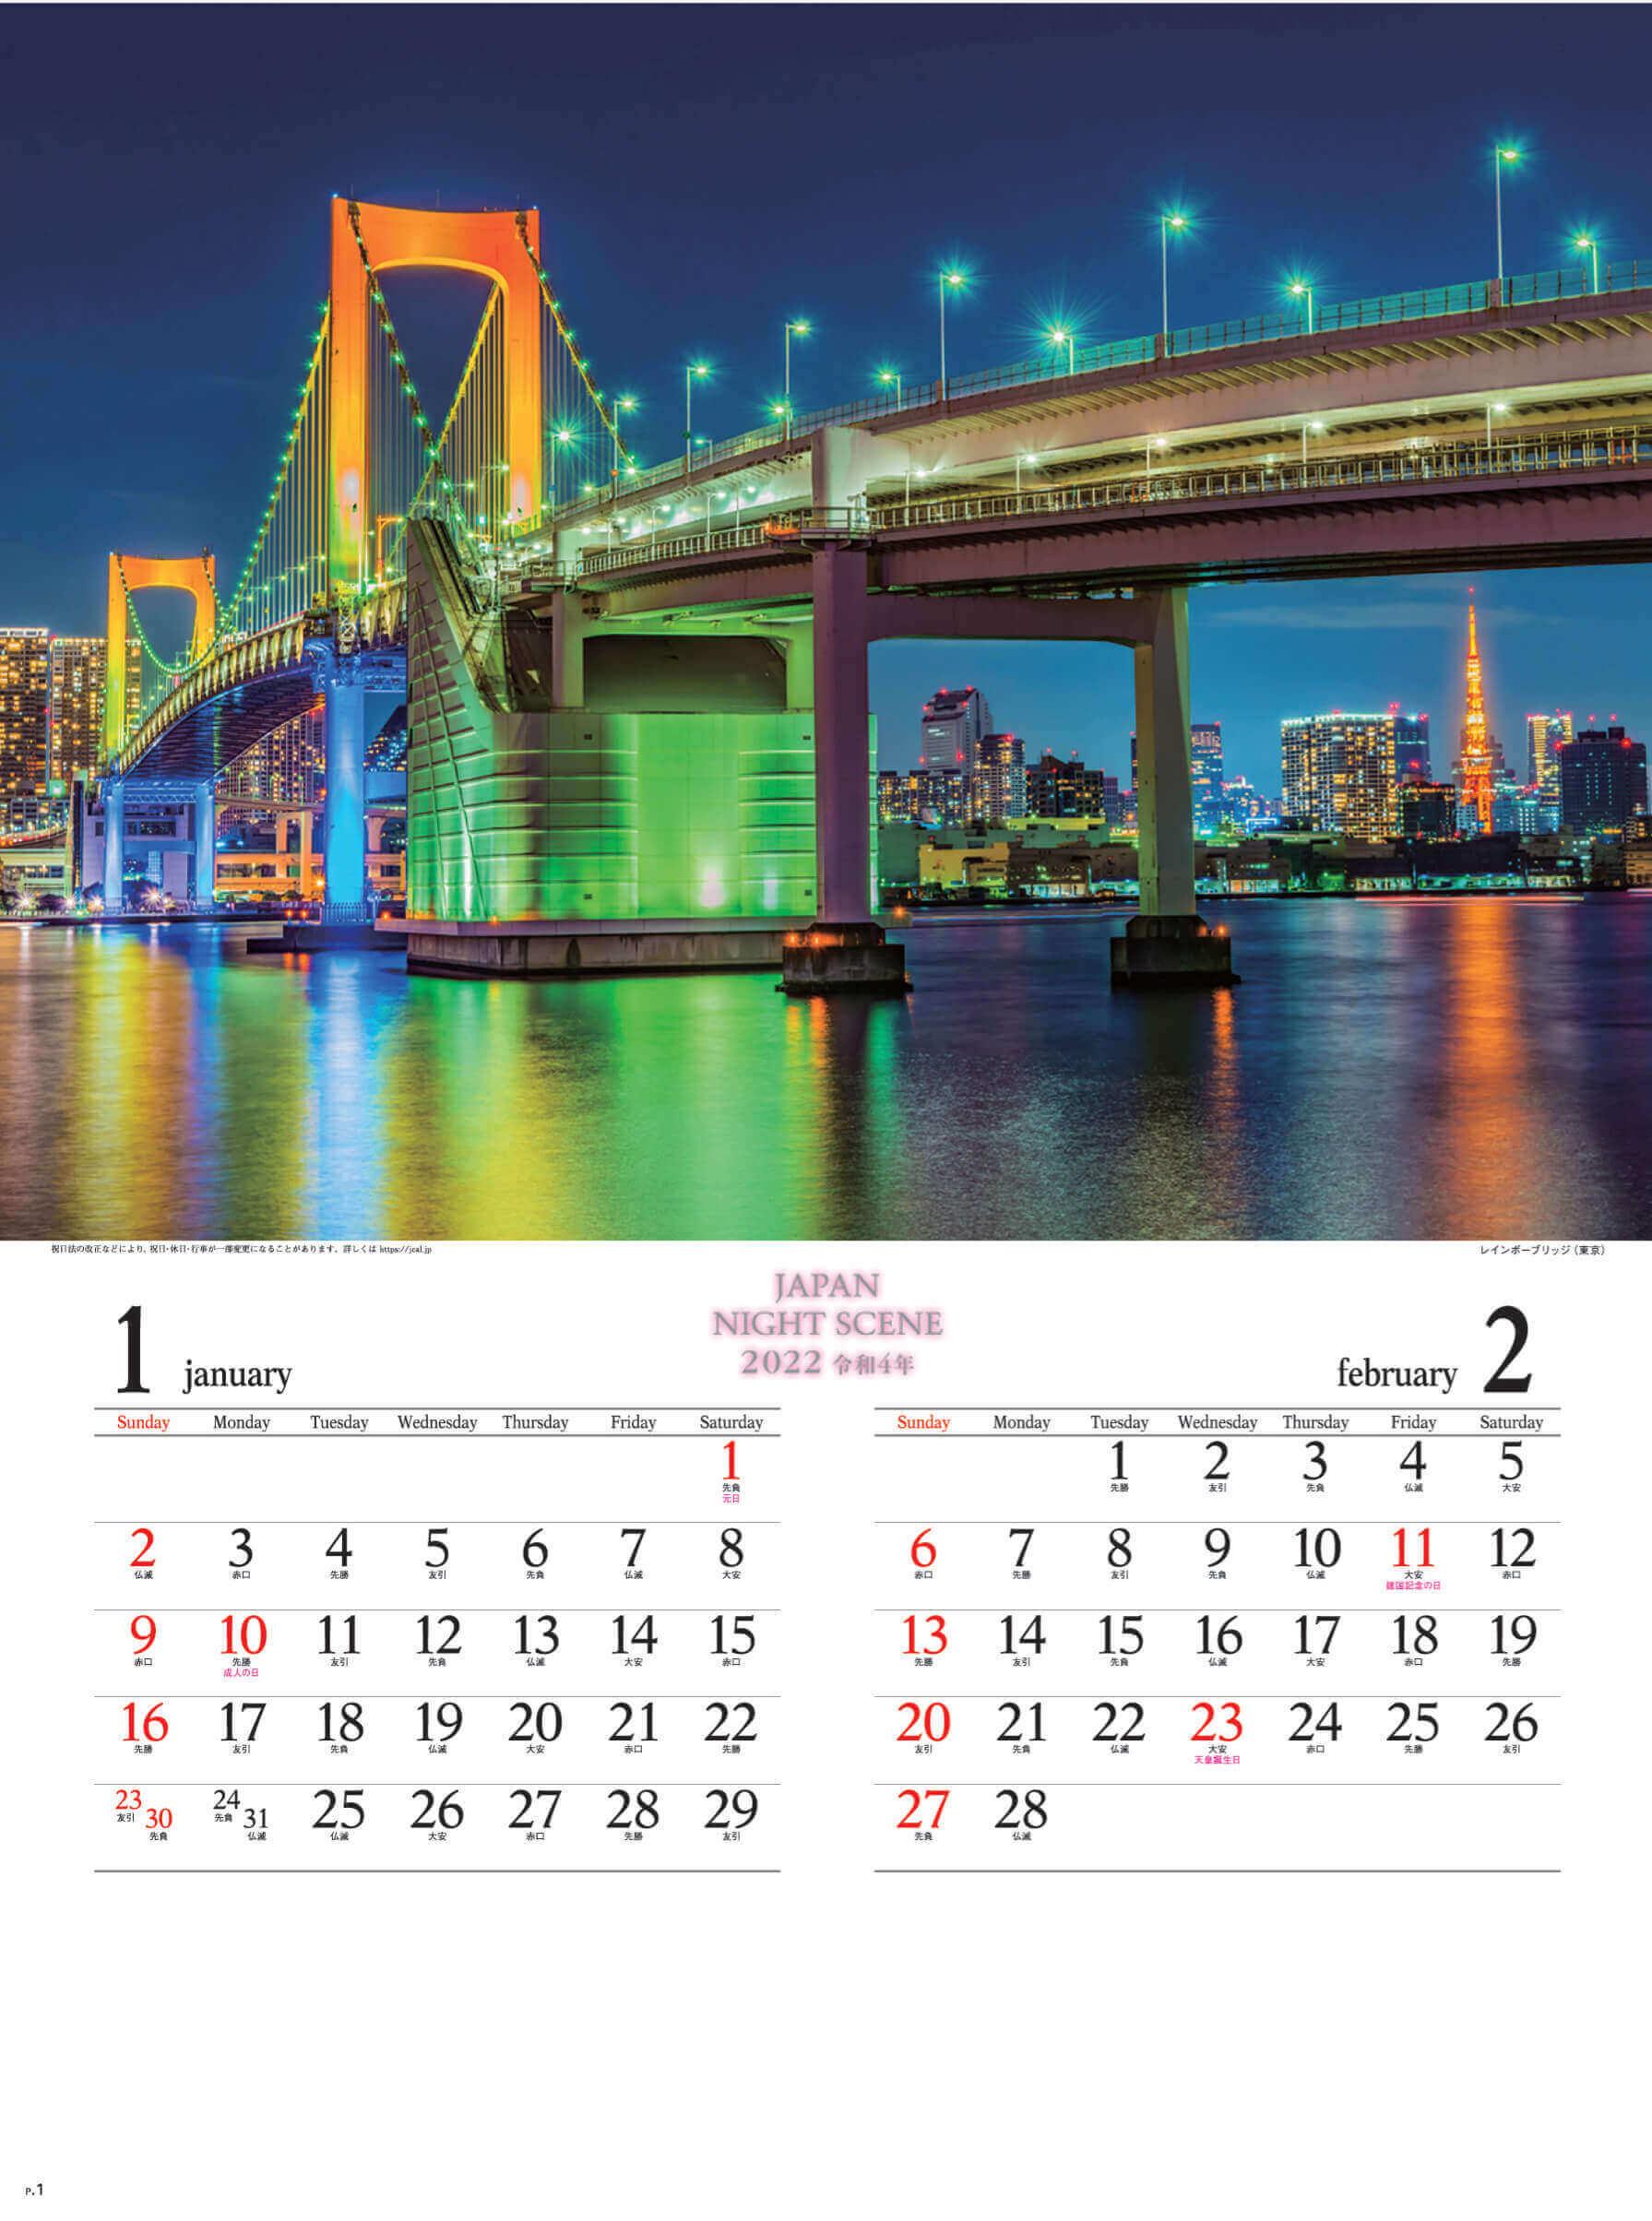 1-2月 レインボーブリッジ(東京) ジャパンナイトシーン 2022年カレンダーの画像